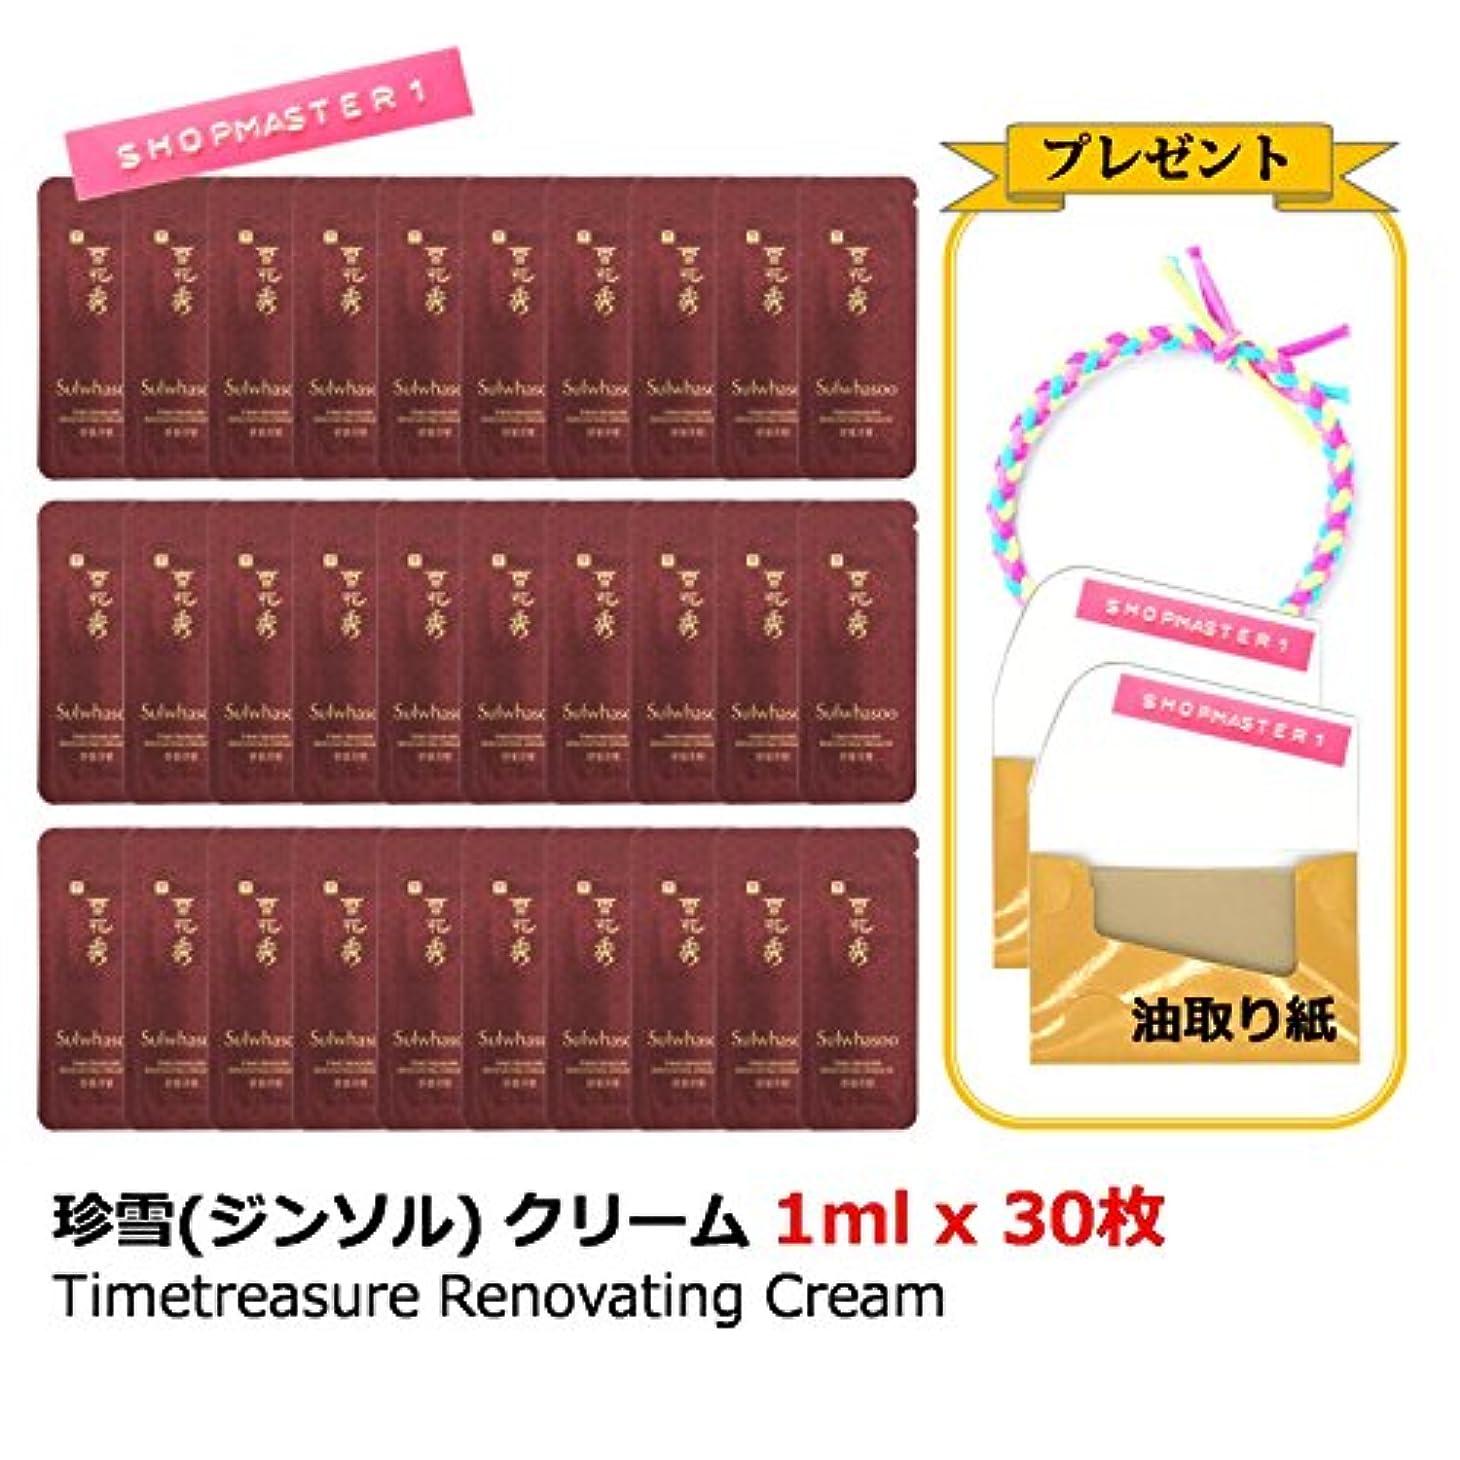 チョップ情緒的残り物【Sulwhasoo ソルファス】珍雪(ジンソル) クリーム 1ml x 30枚 Timetreasure Renovating Cream/プレゼント 油取り紙 2個(30枚ずつ)、ヘアタイ/海外直配送